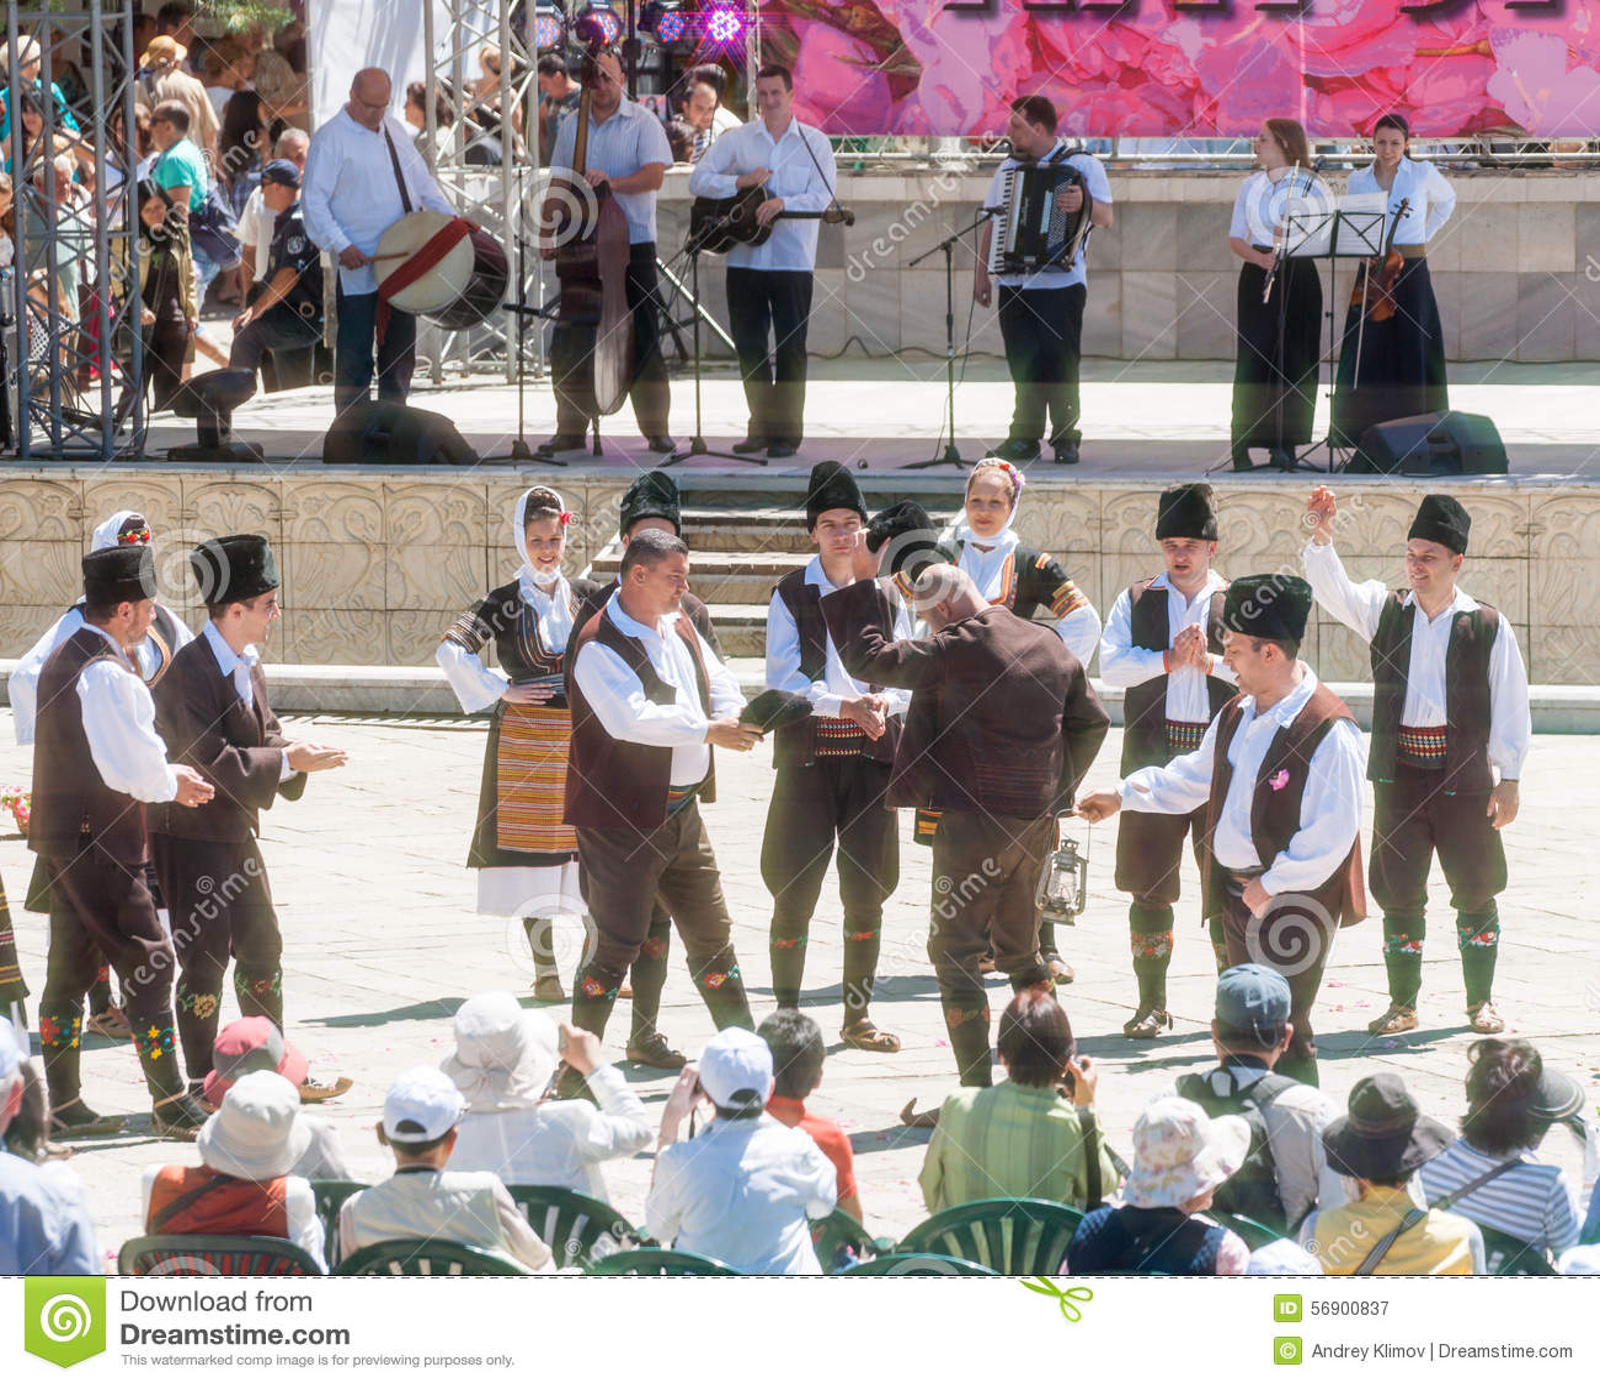 Εθνικός χορός στο φεστιβάλ των τριαντάφυλλων σε Karlovo στη Βουλγαρία